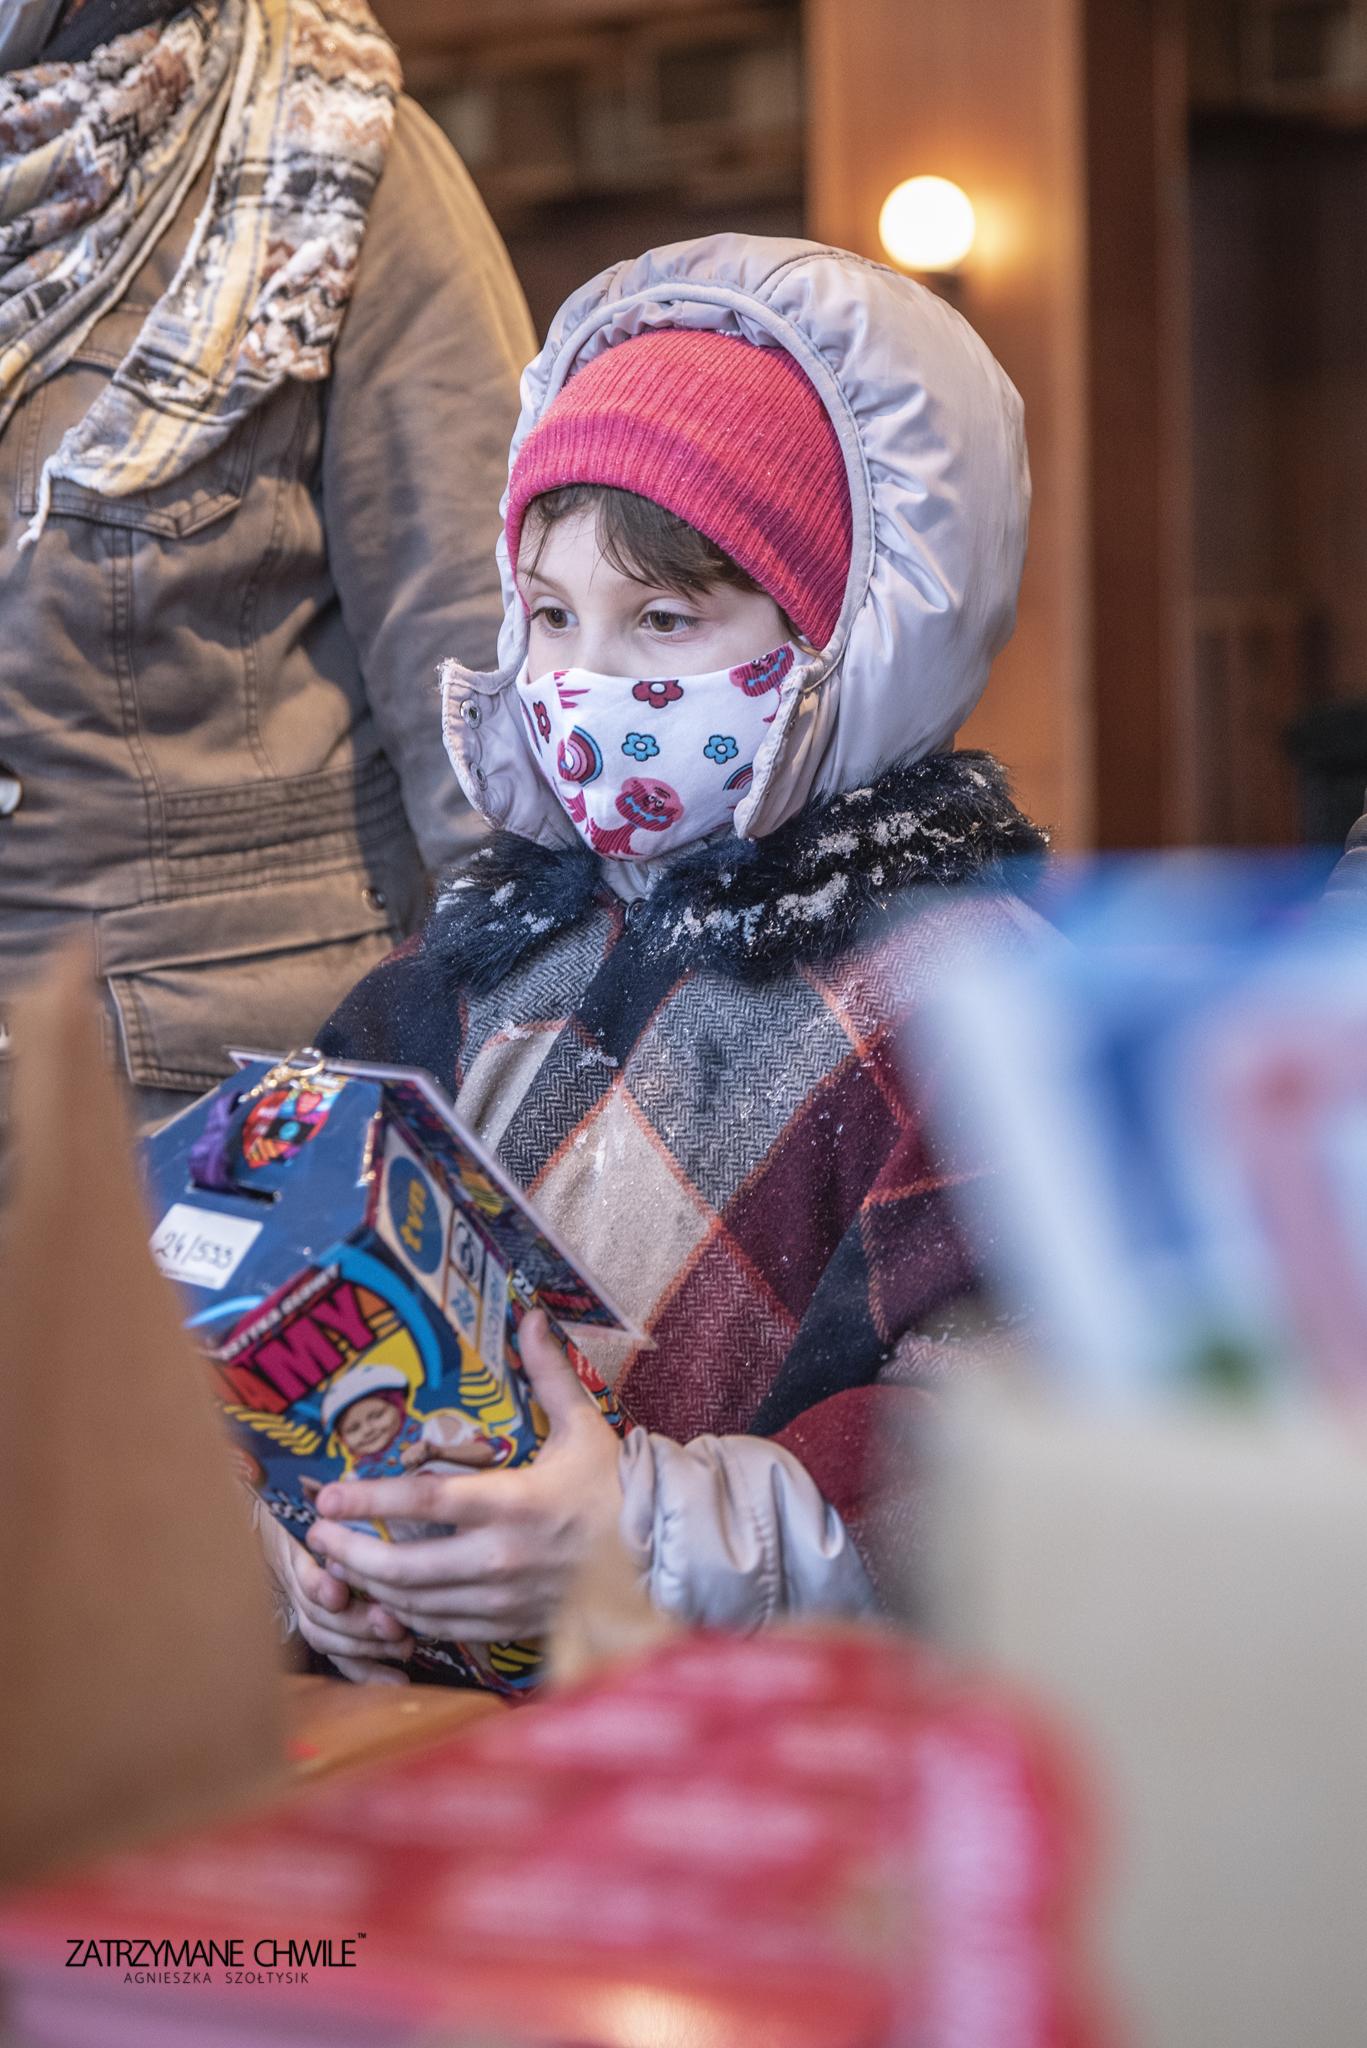 zdjęcia; mała dziewczynka ubrana na zimowo trzyma w ręku puszkę WOŚP, obok niej stoi kobieta, której nie widać twarzy